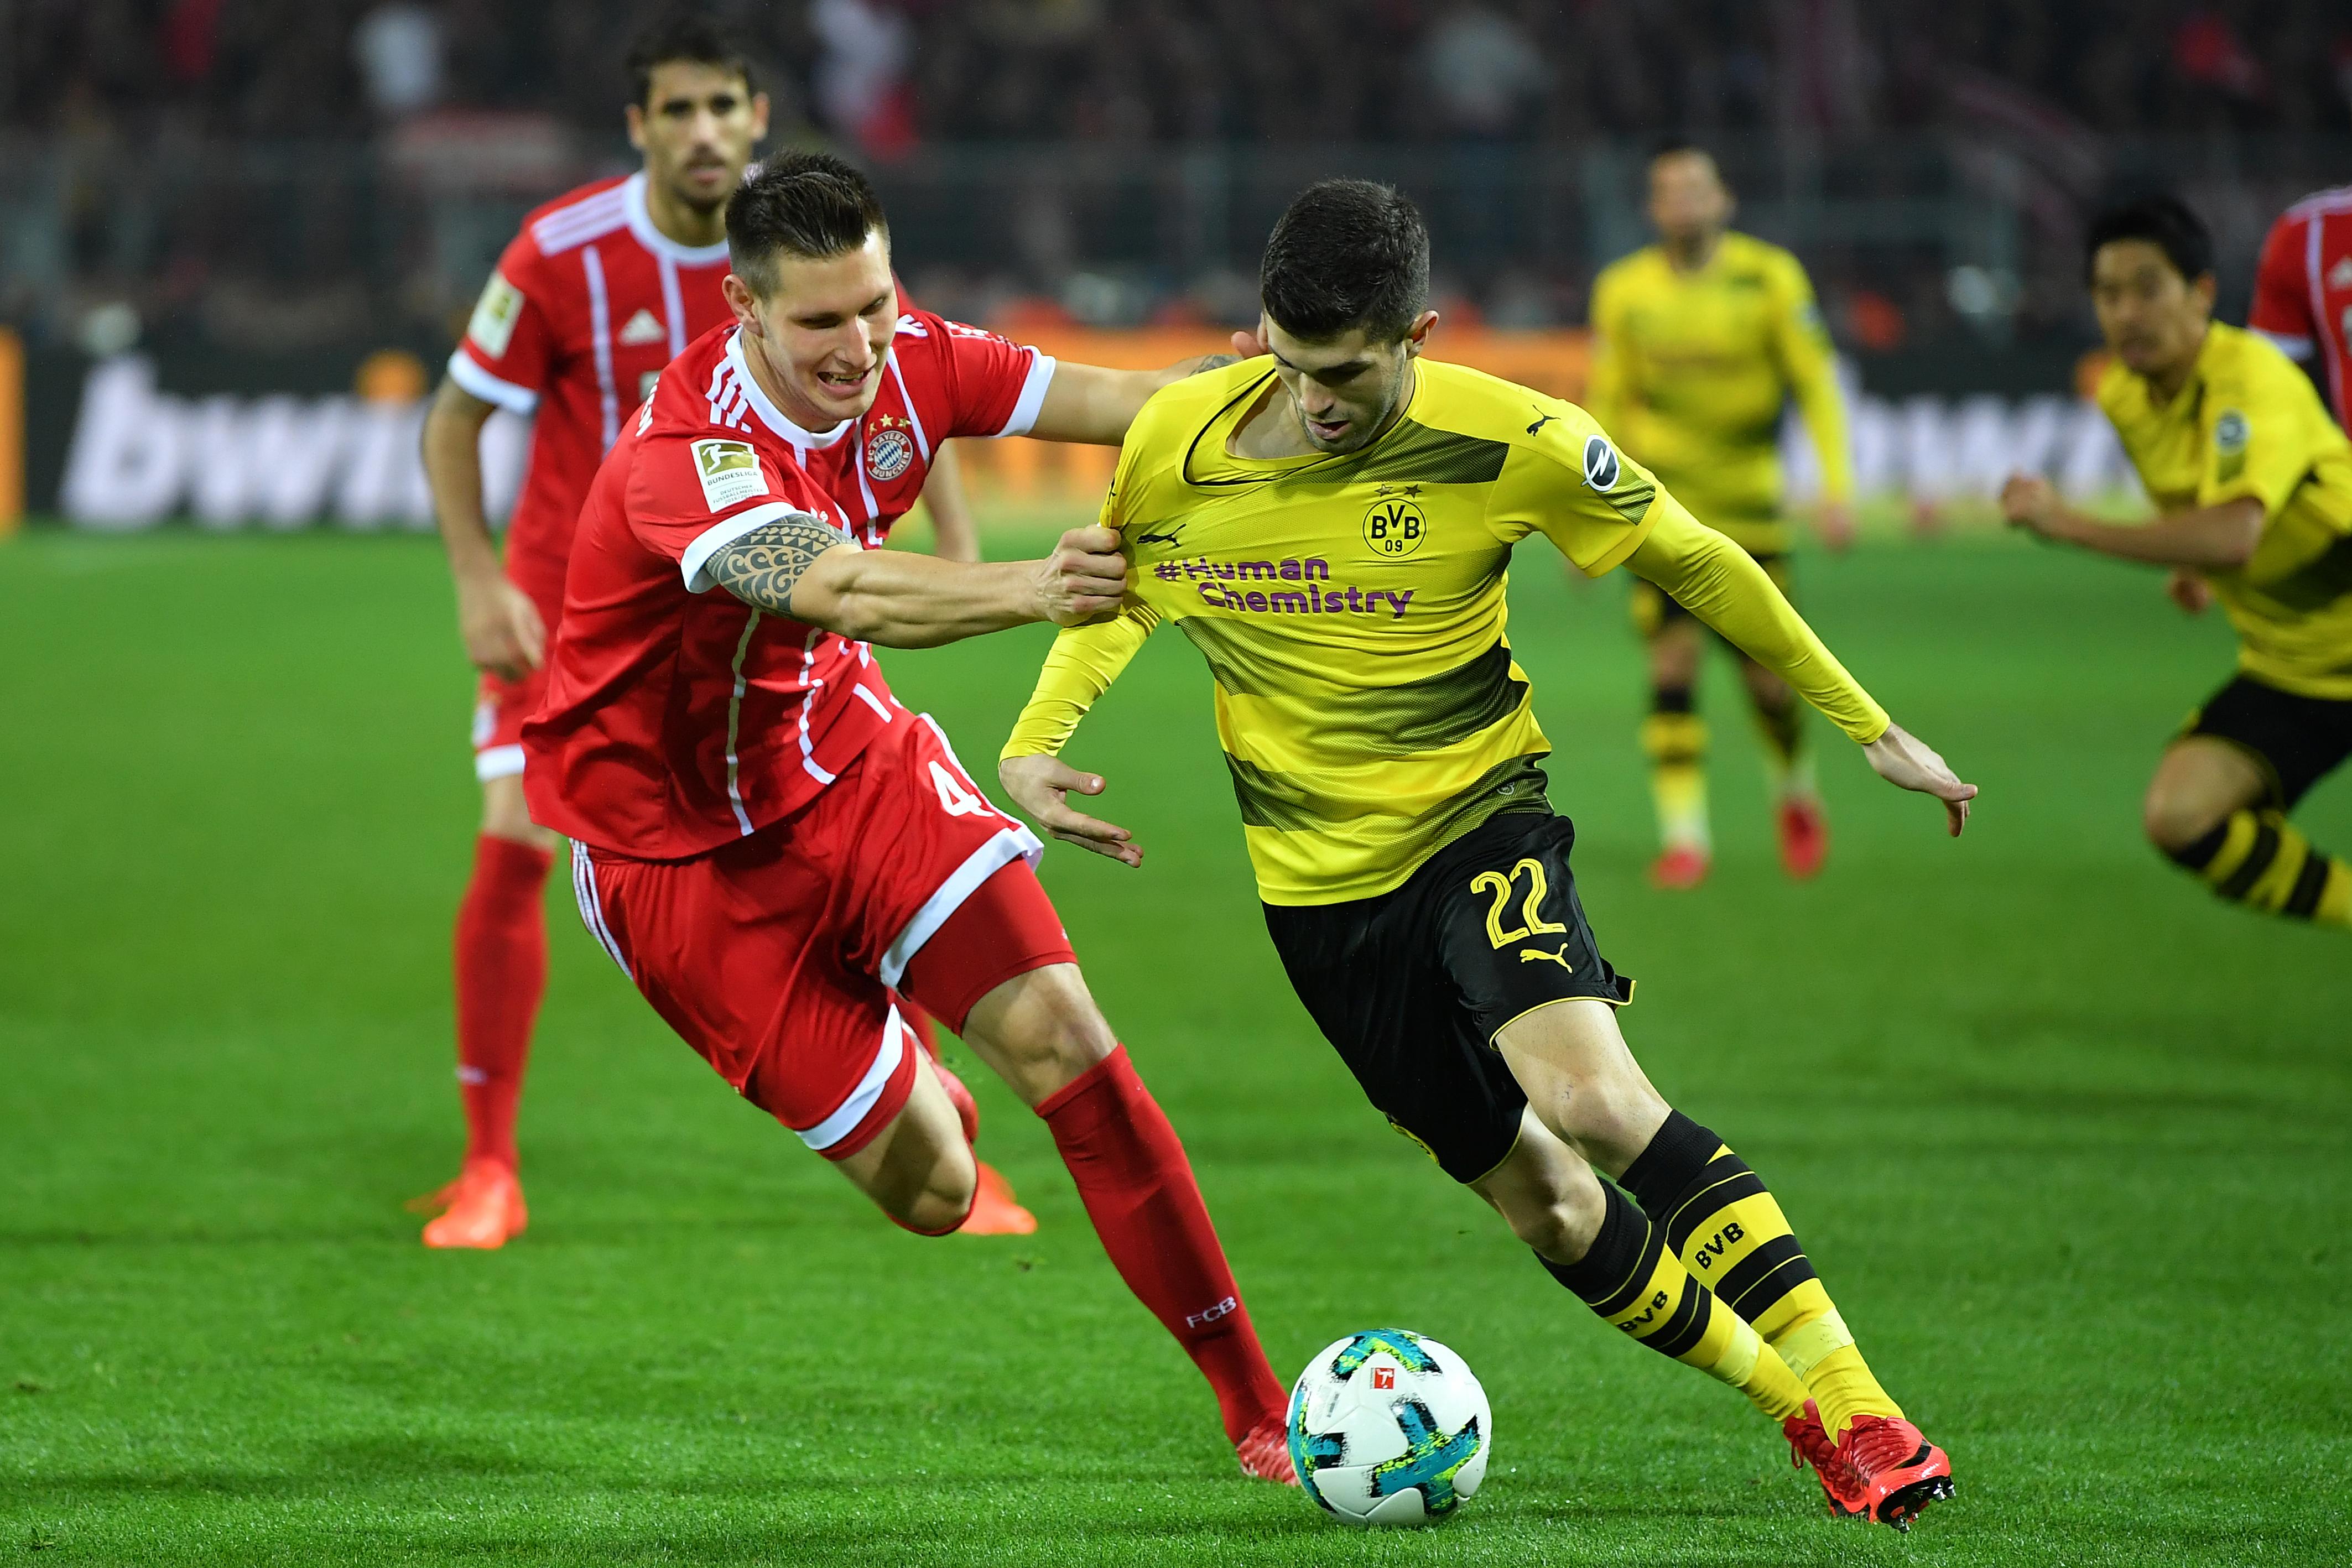 Nach Bundesliga-Topspiel: FC Bayern: Matthäus rät zu Transfer von BVB-Star